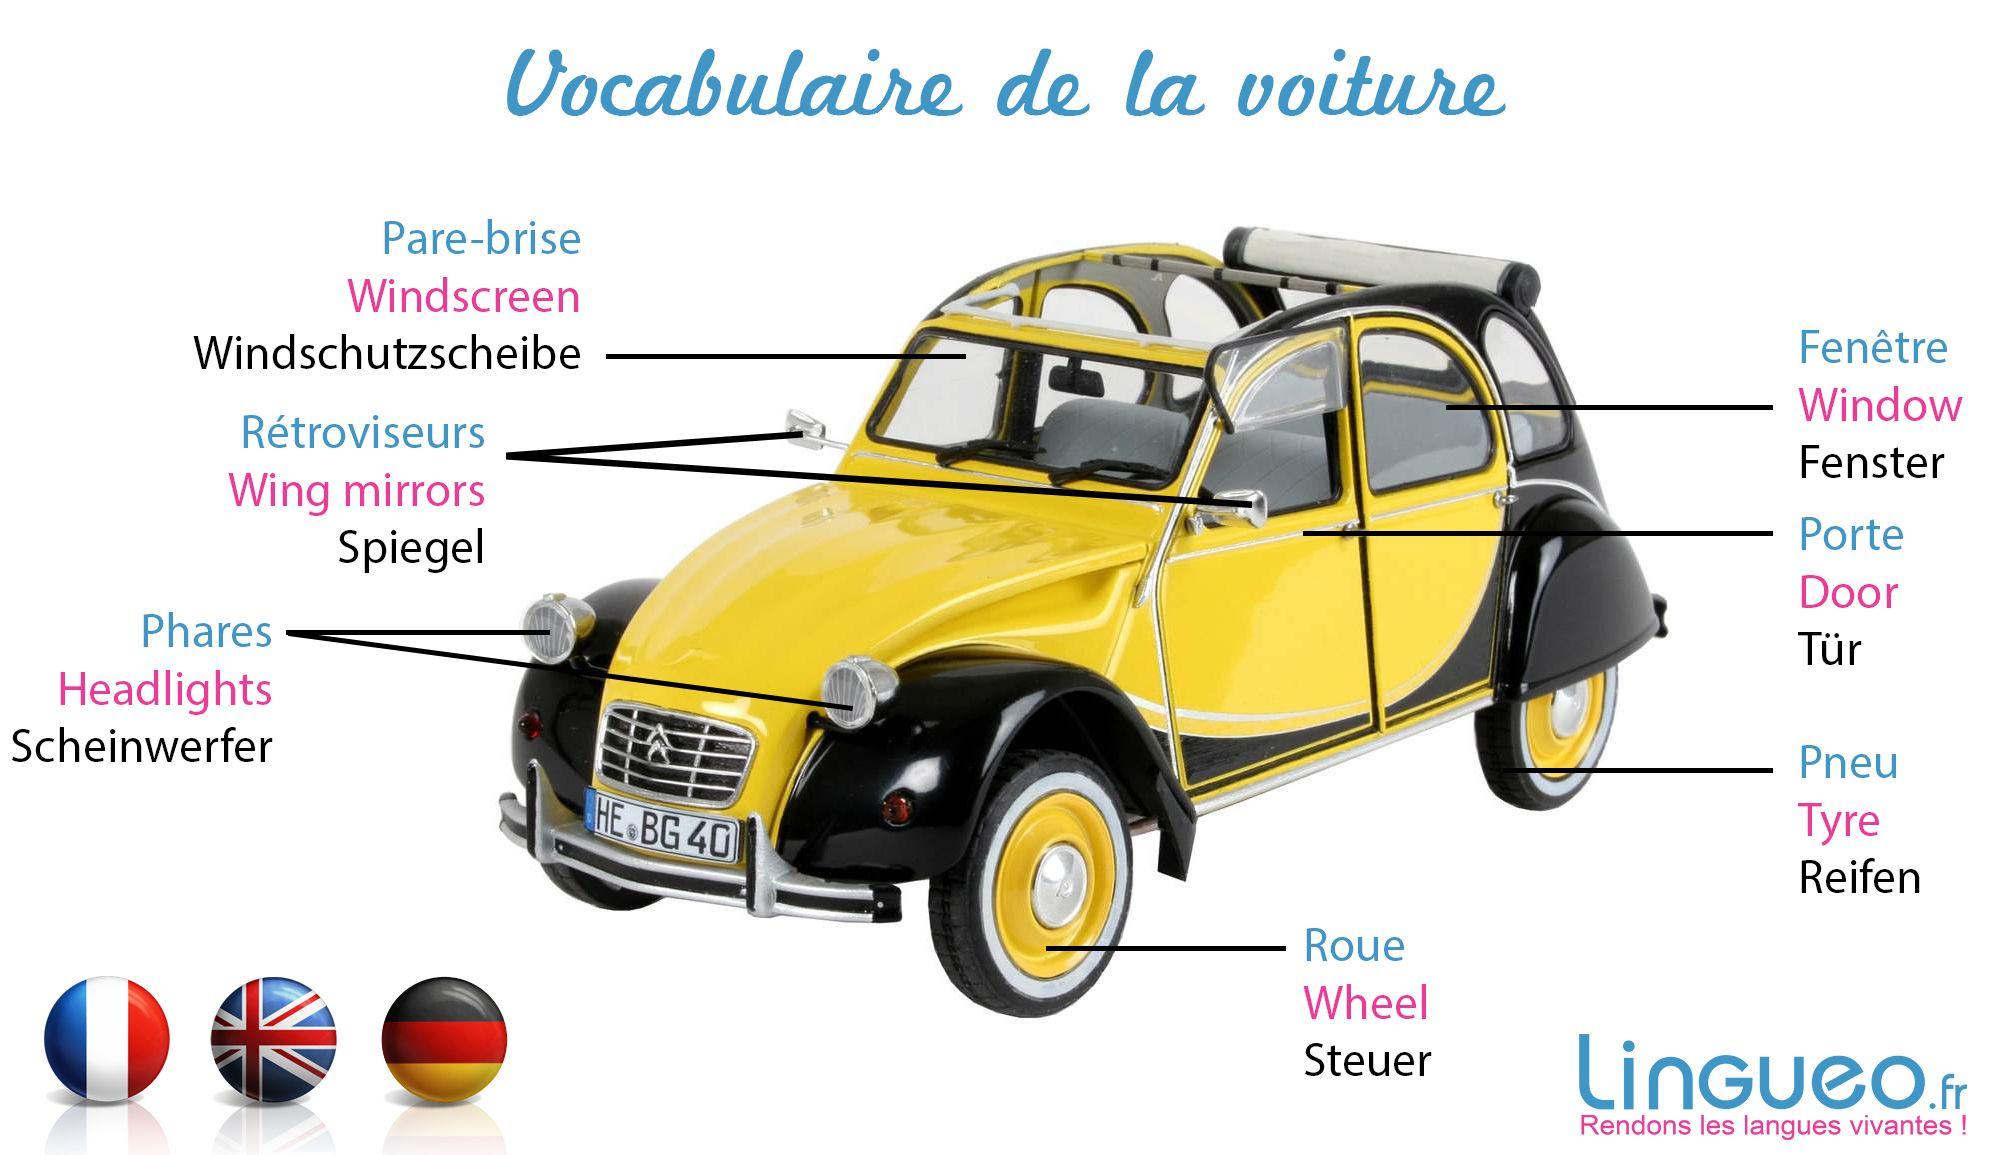 d couvrez le vocabulaire de la voiture en fran ais anglais et allemand pour la classe. Black Bedroom Furniture Sets. Home Design Ideas